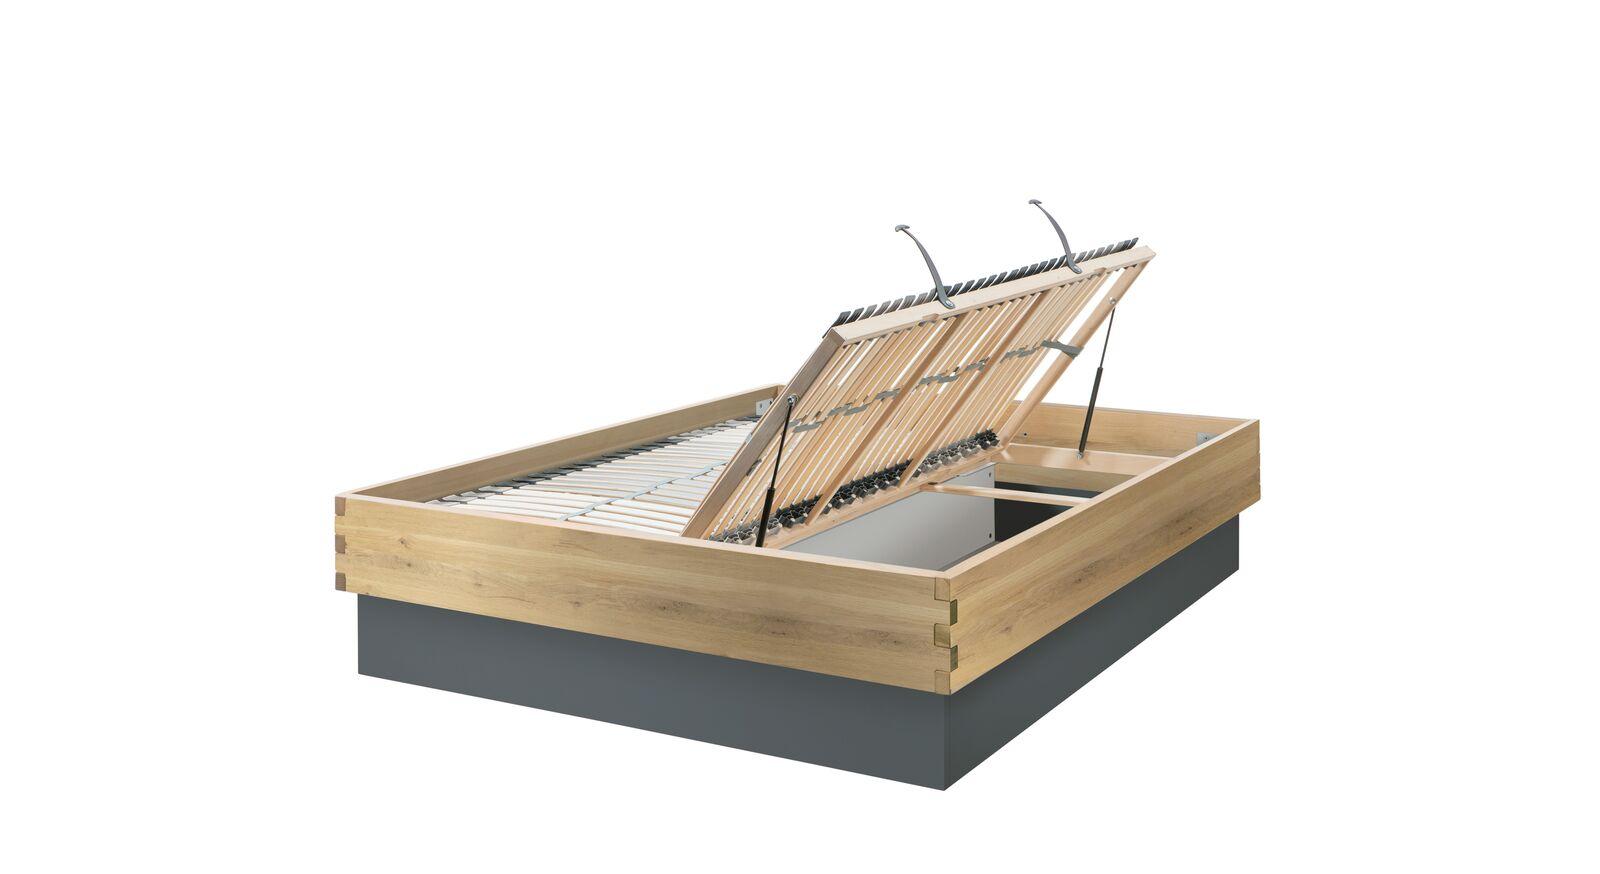 Bett Larus aus Massivholz mit Lastenrost-Öffnung seitlich